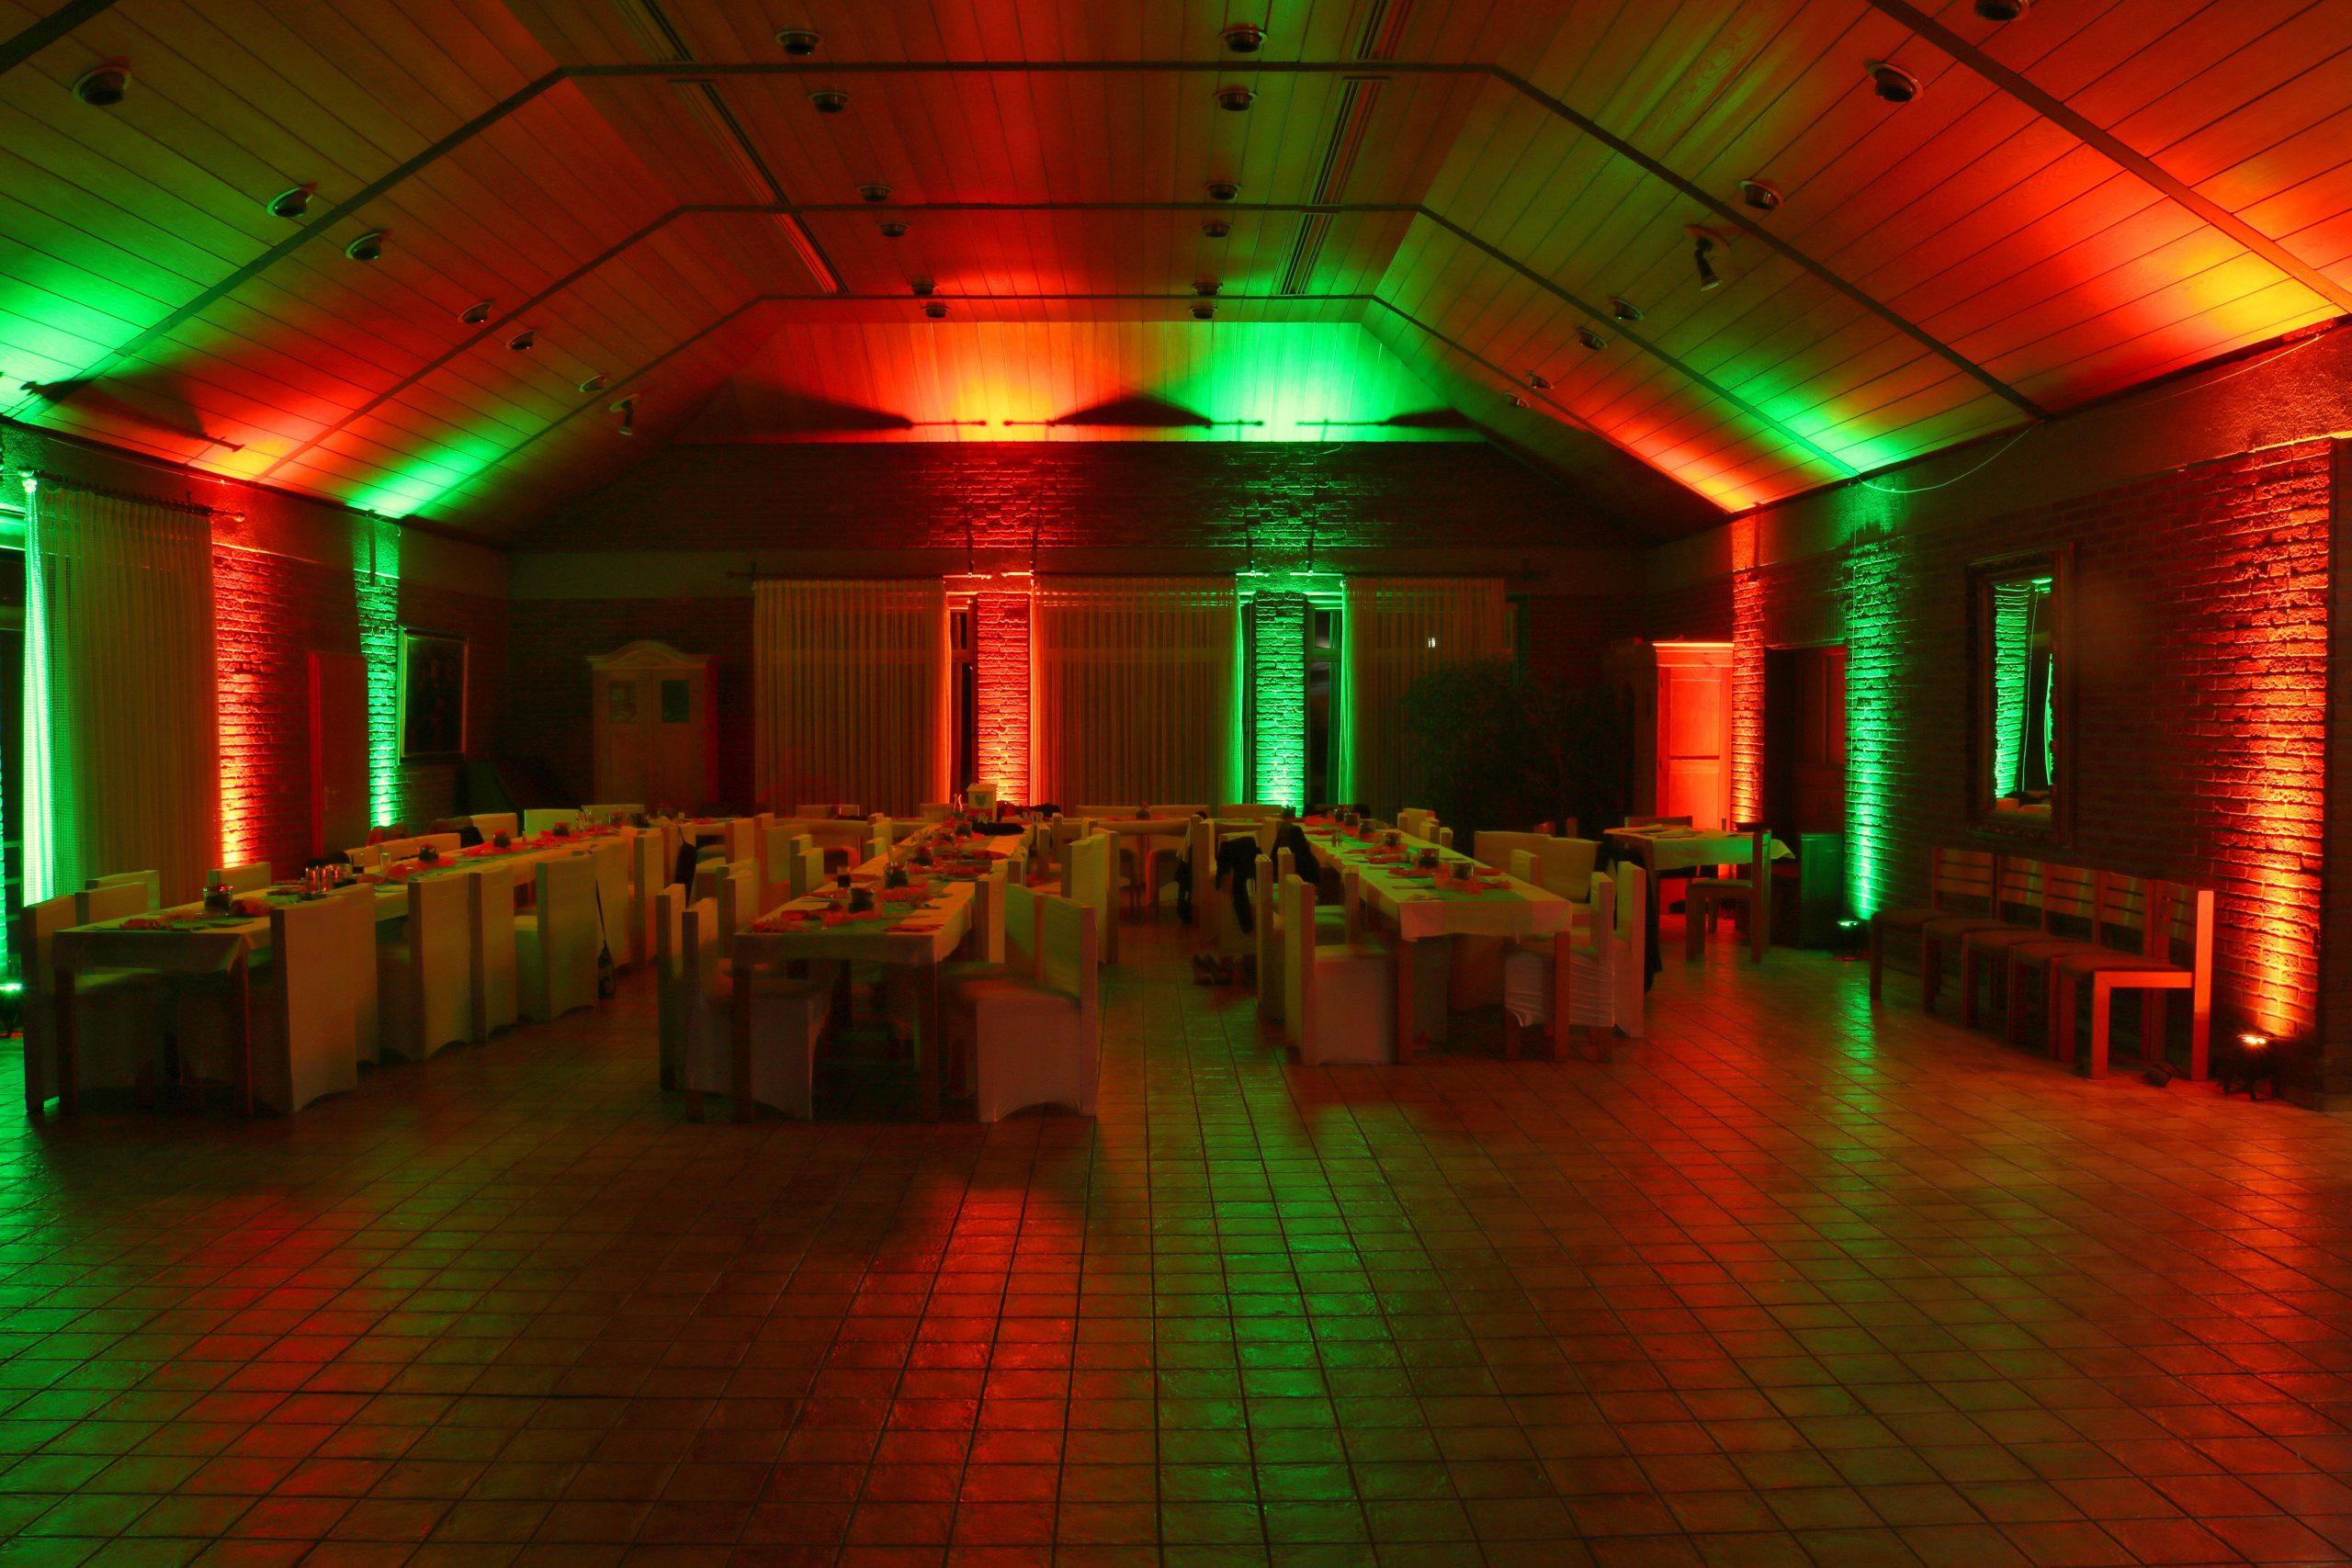 Beleuchtung einer Eventhalle für eine Hochzeit